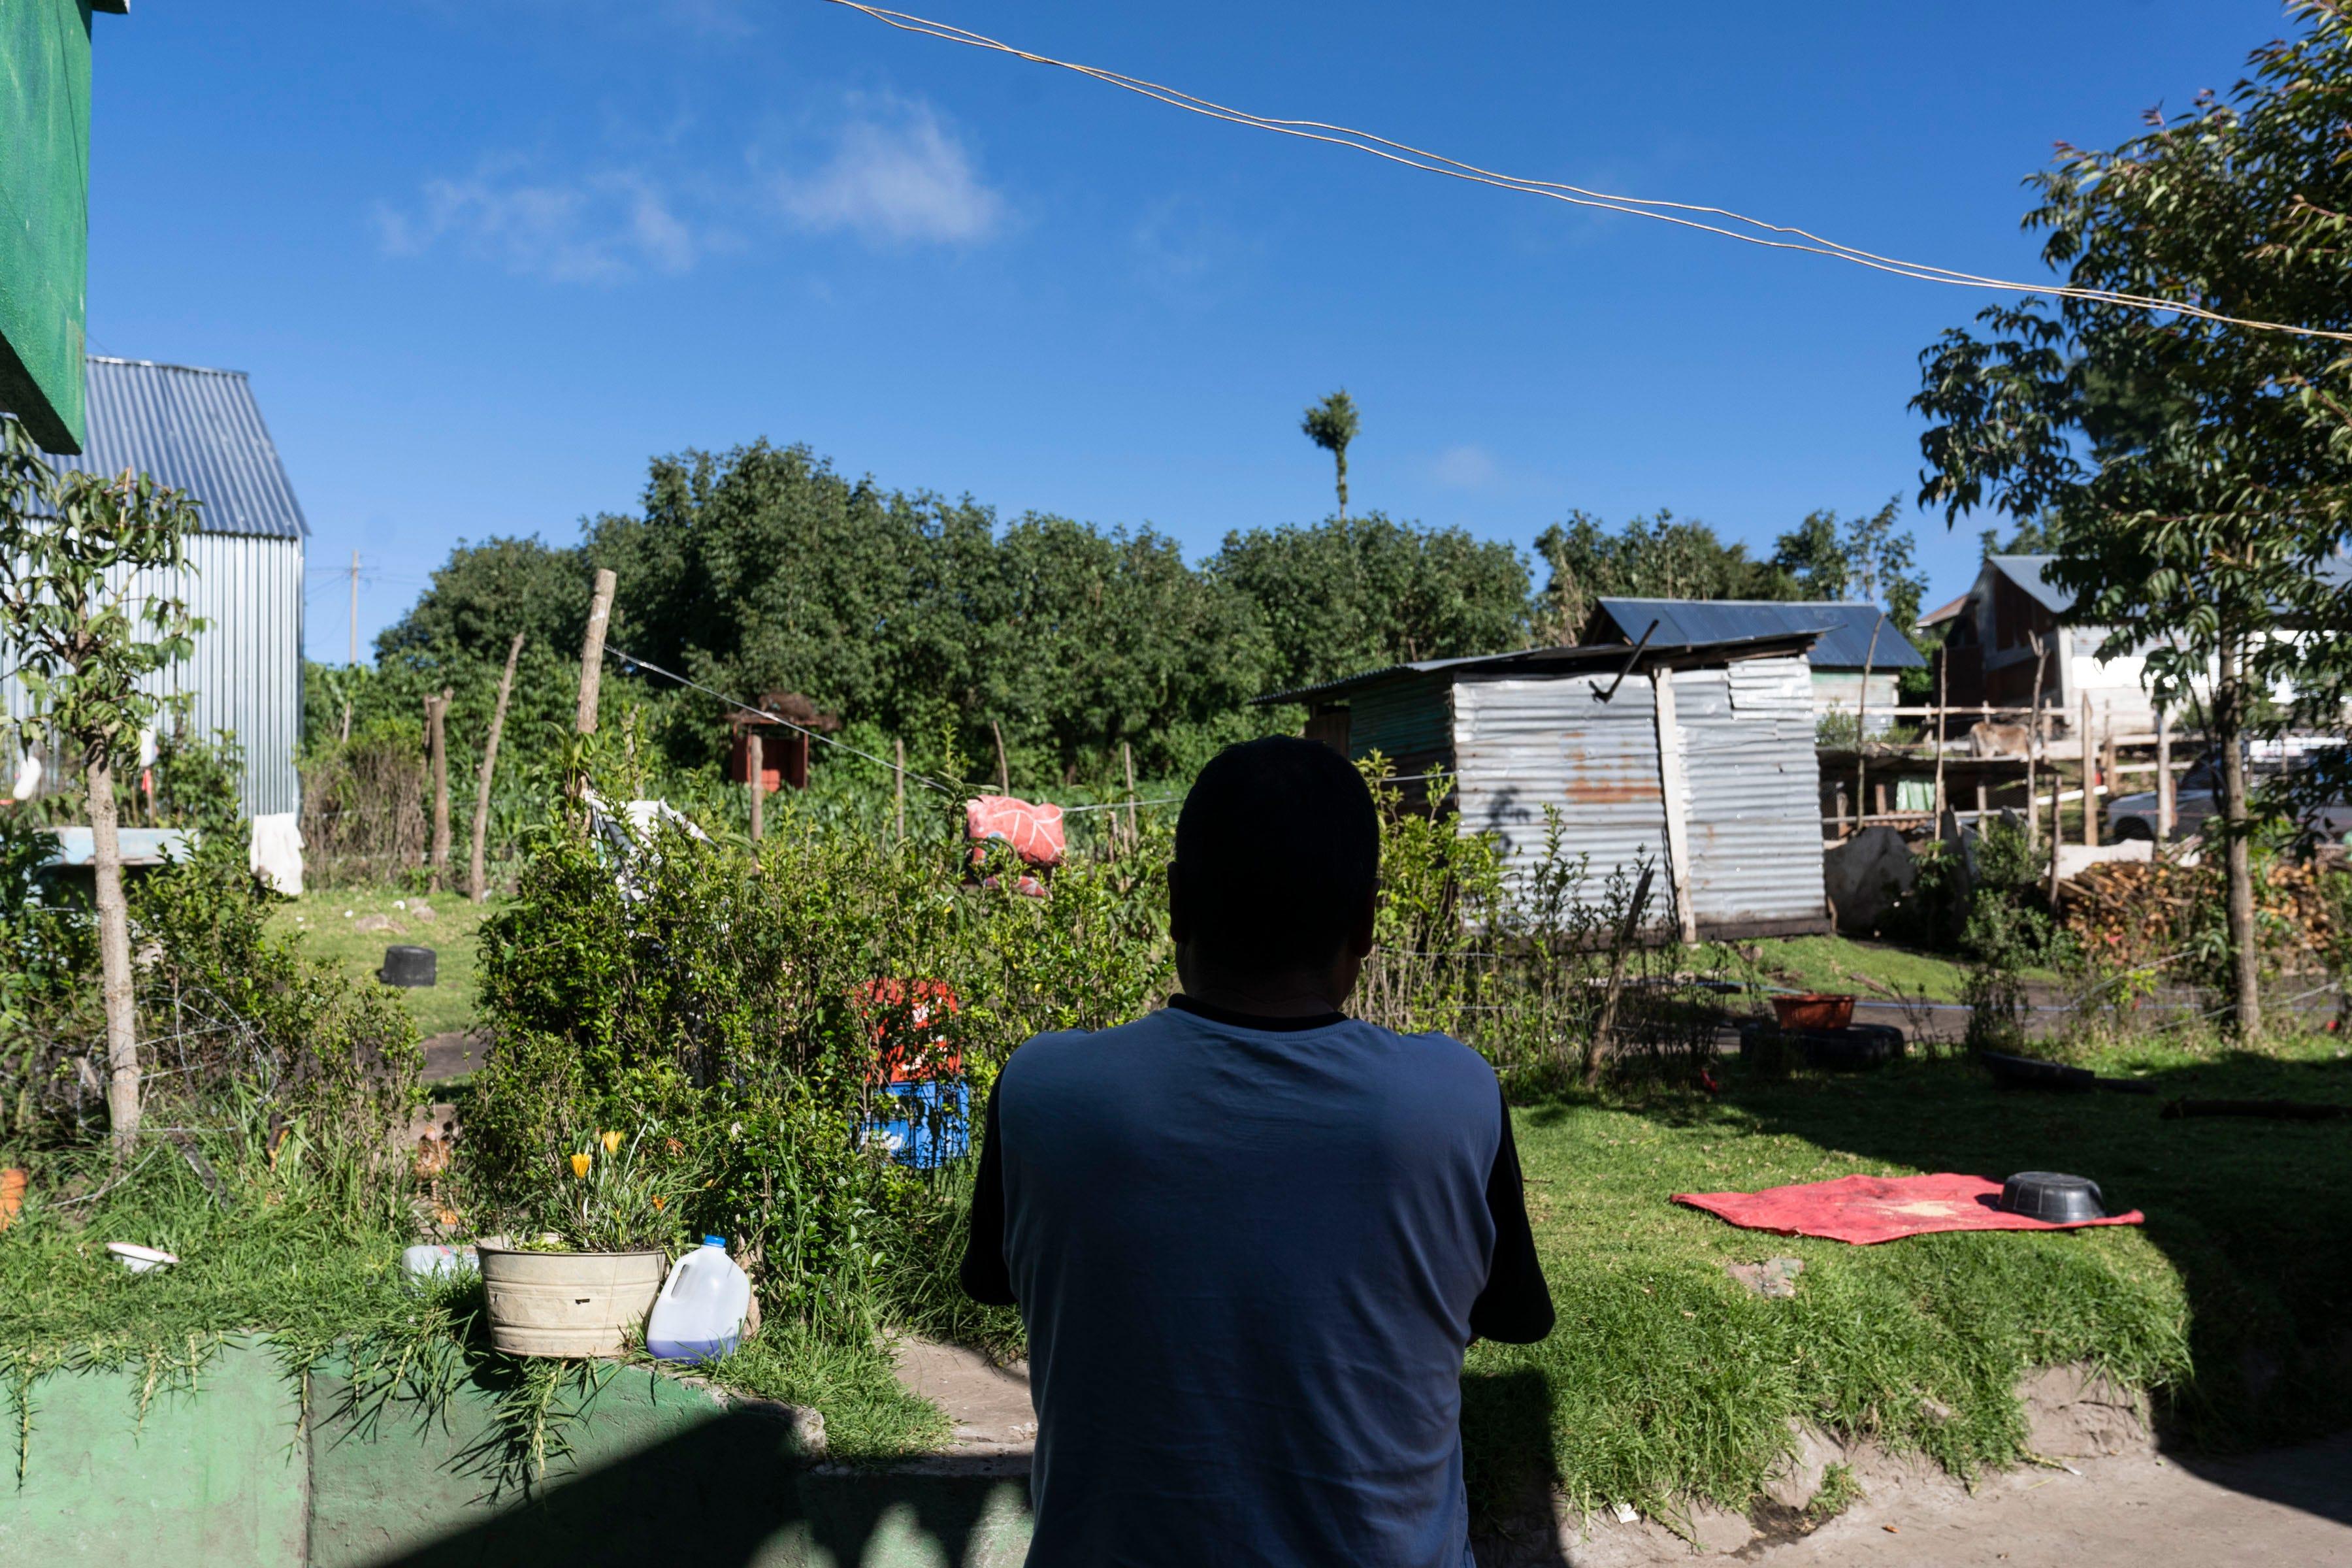 SAN MARCOS, Guatemala – Tomás Gómez Chilel, 50, dice que el presidente Donald Trump se equivoca cuando le echa la culpa a los coyotes por la ola de familias de migrantes que están llegando a la frontera. Los migrantes son los que le piden ayuda a los coyotes porque están desesperados de escapar de la pobreza extrema y la violencia, dice.